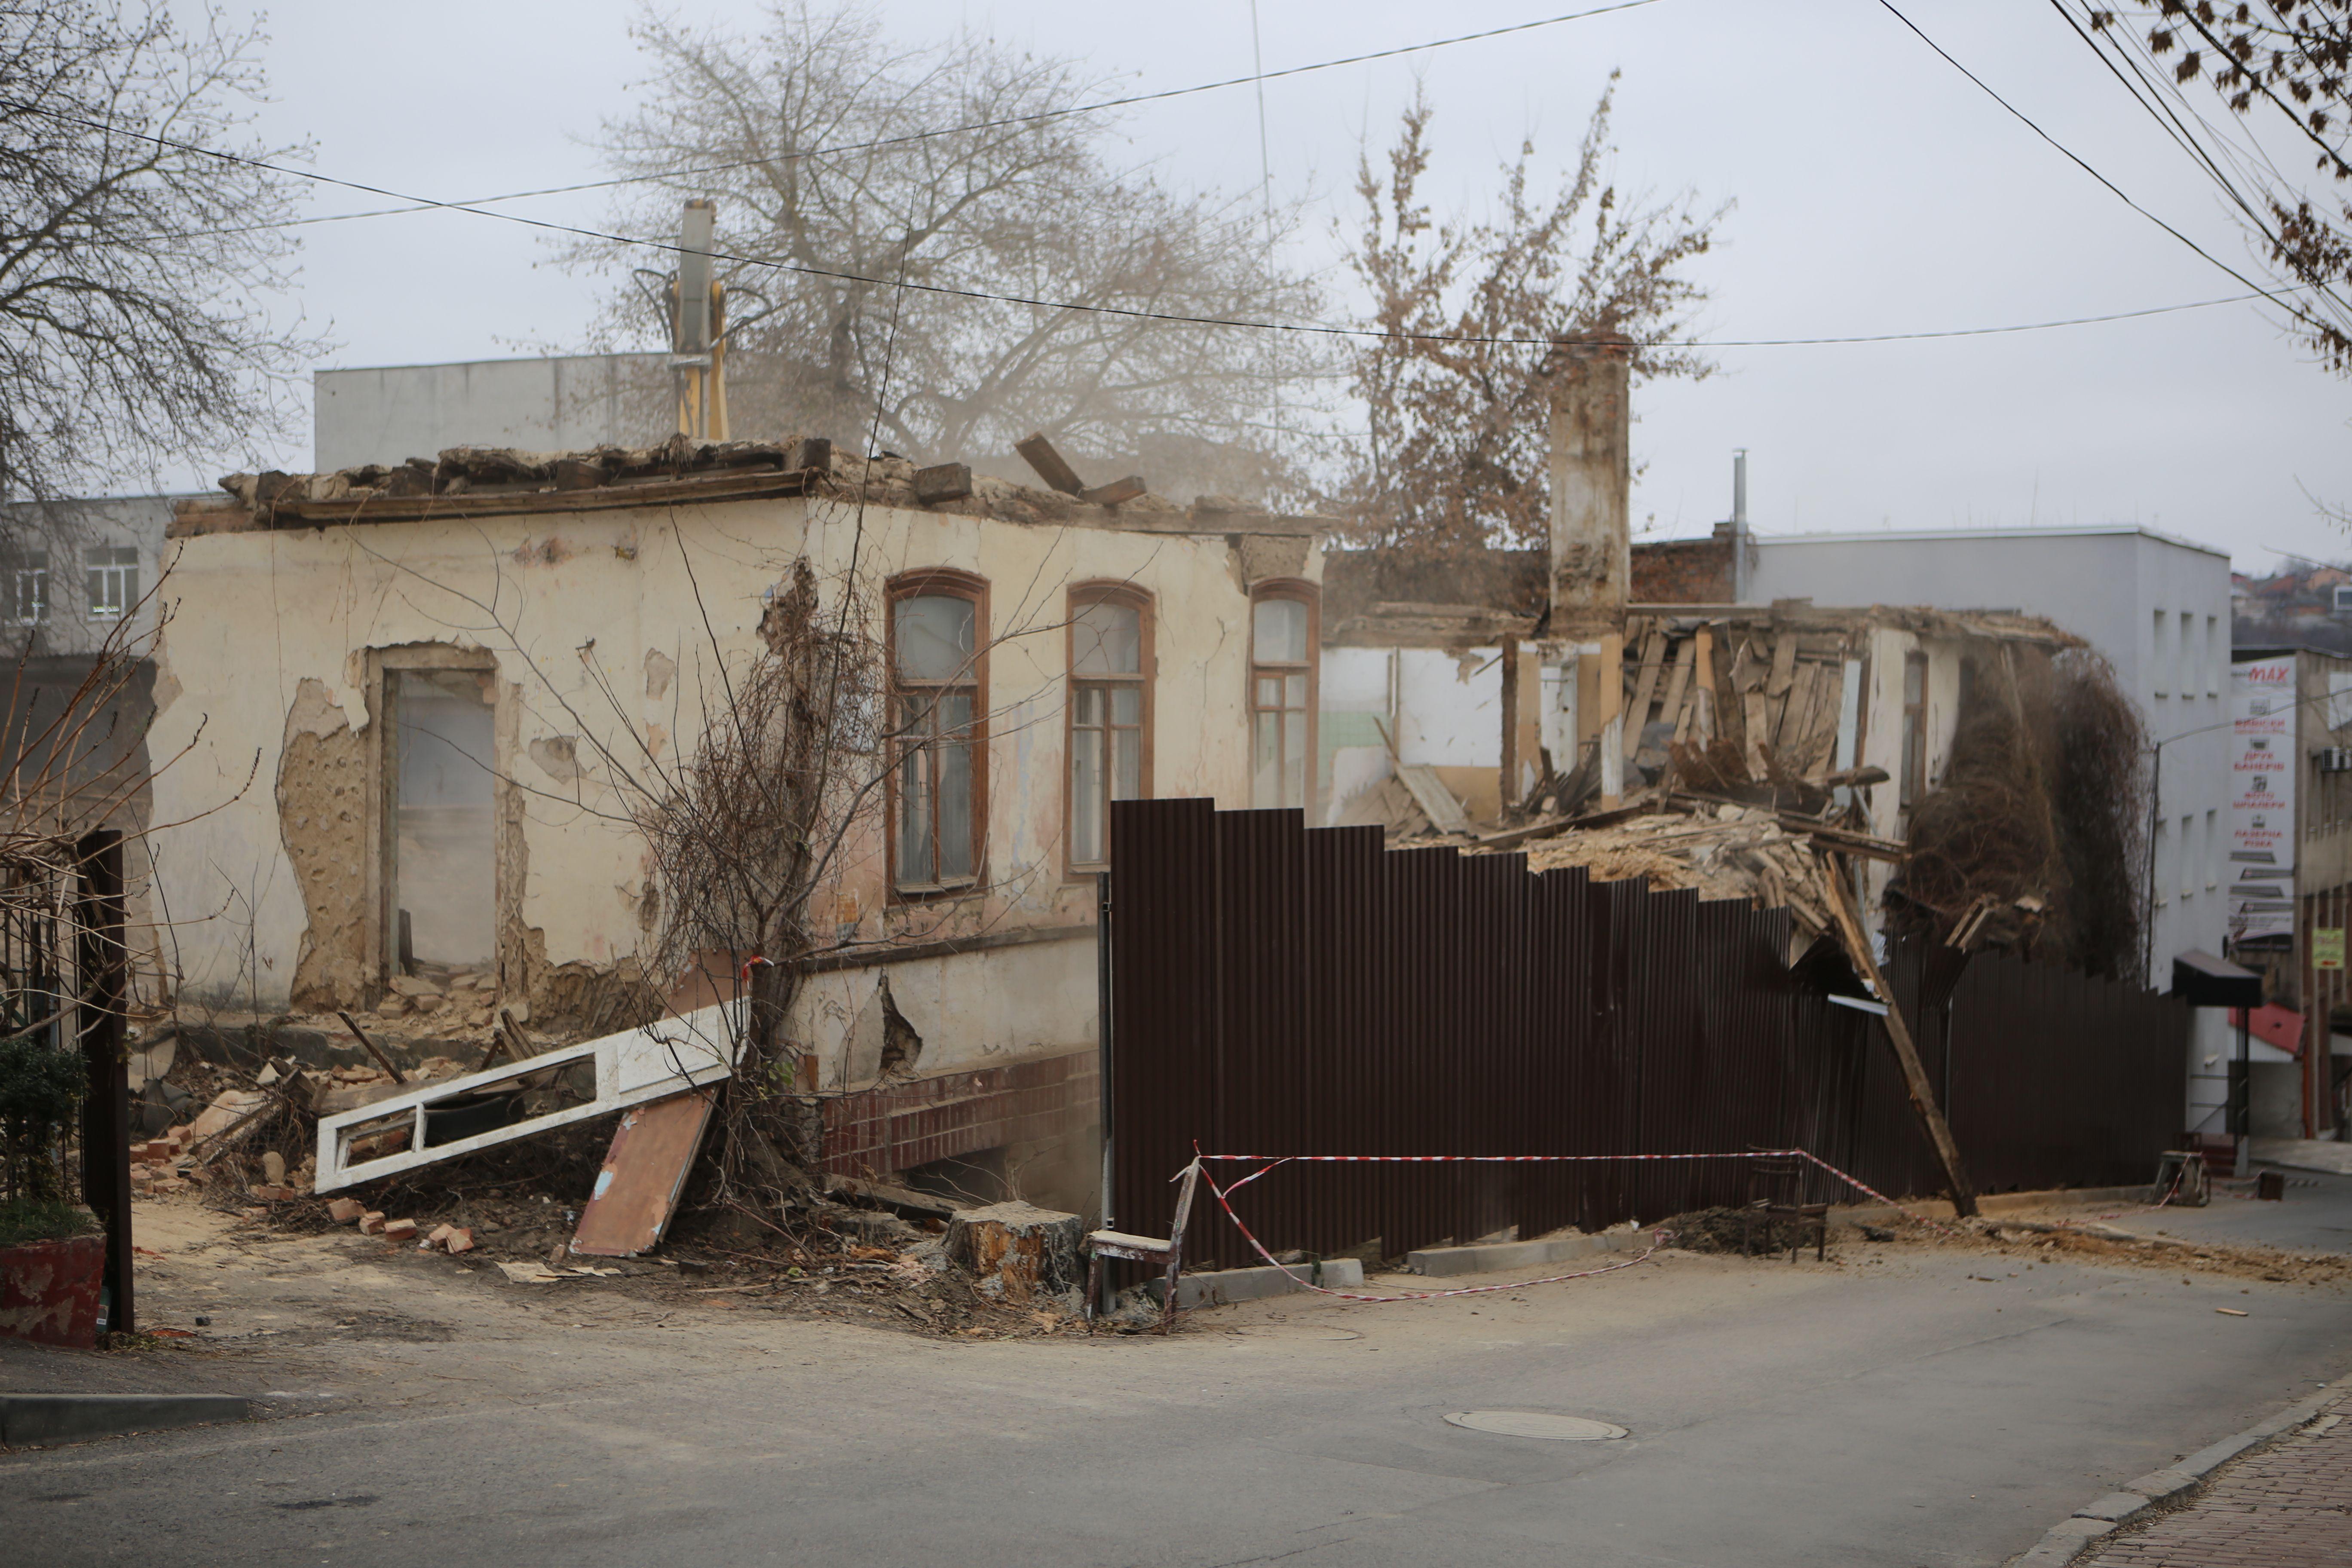 Нищать історію чи рятують від небезпеки? Зносять глиняний дім на Єрусалимці